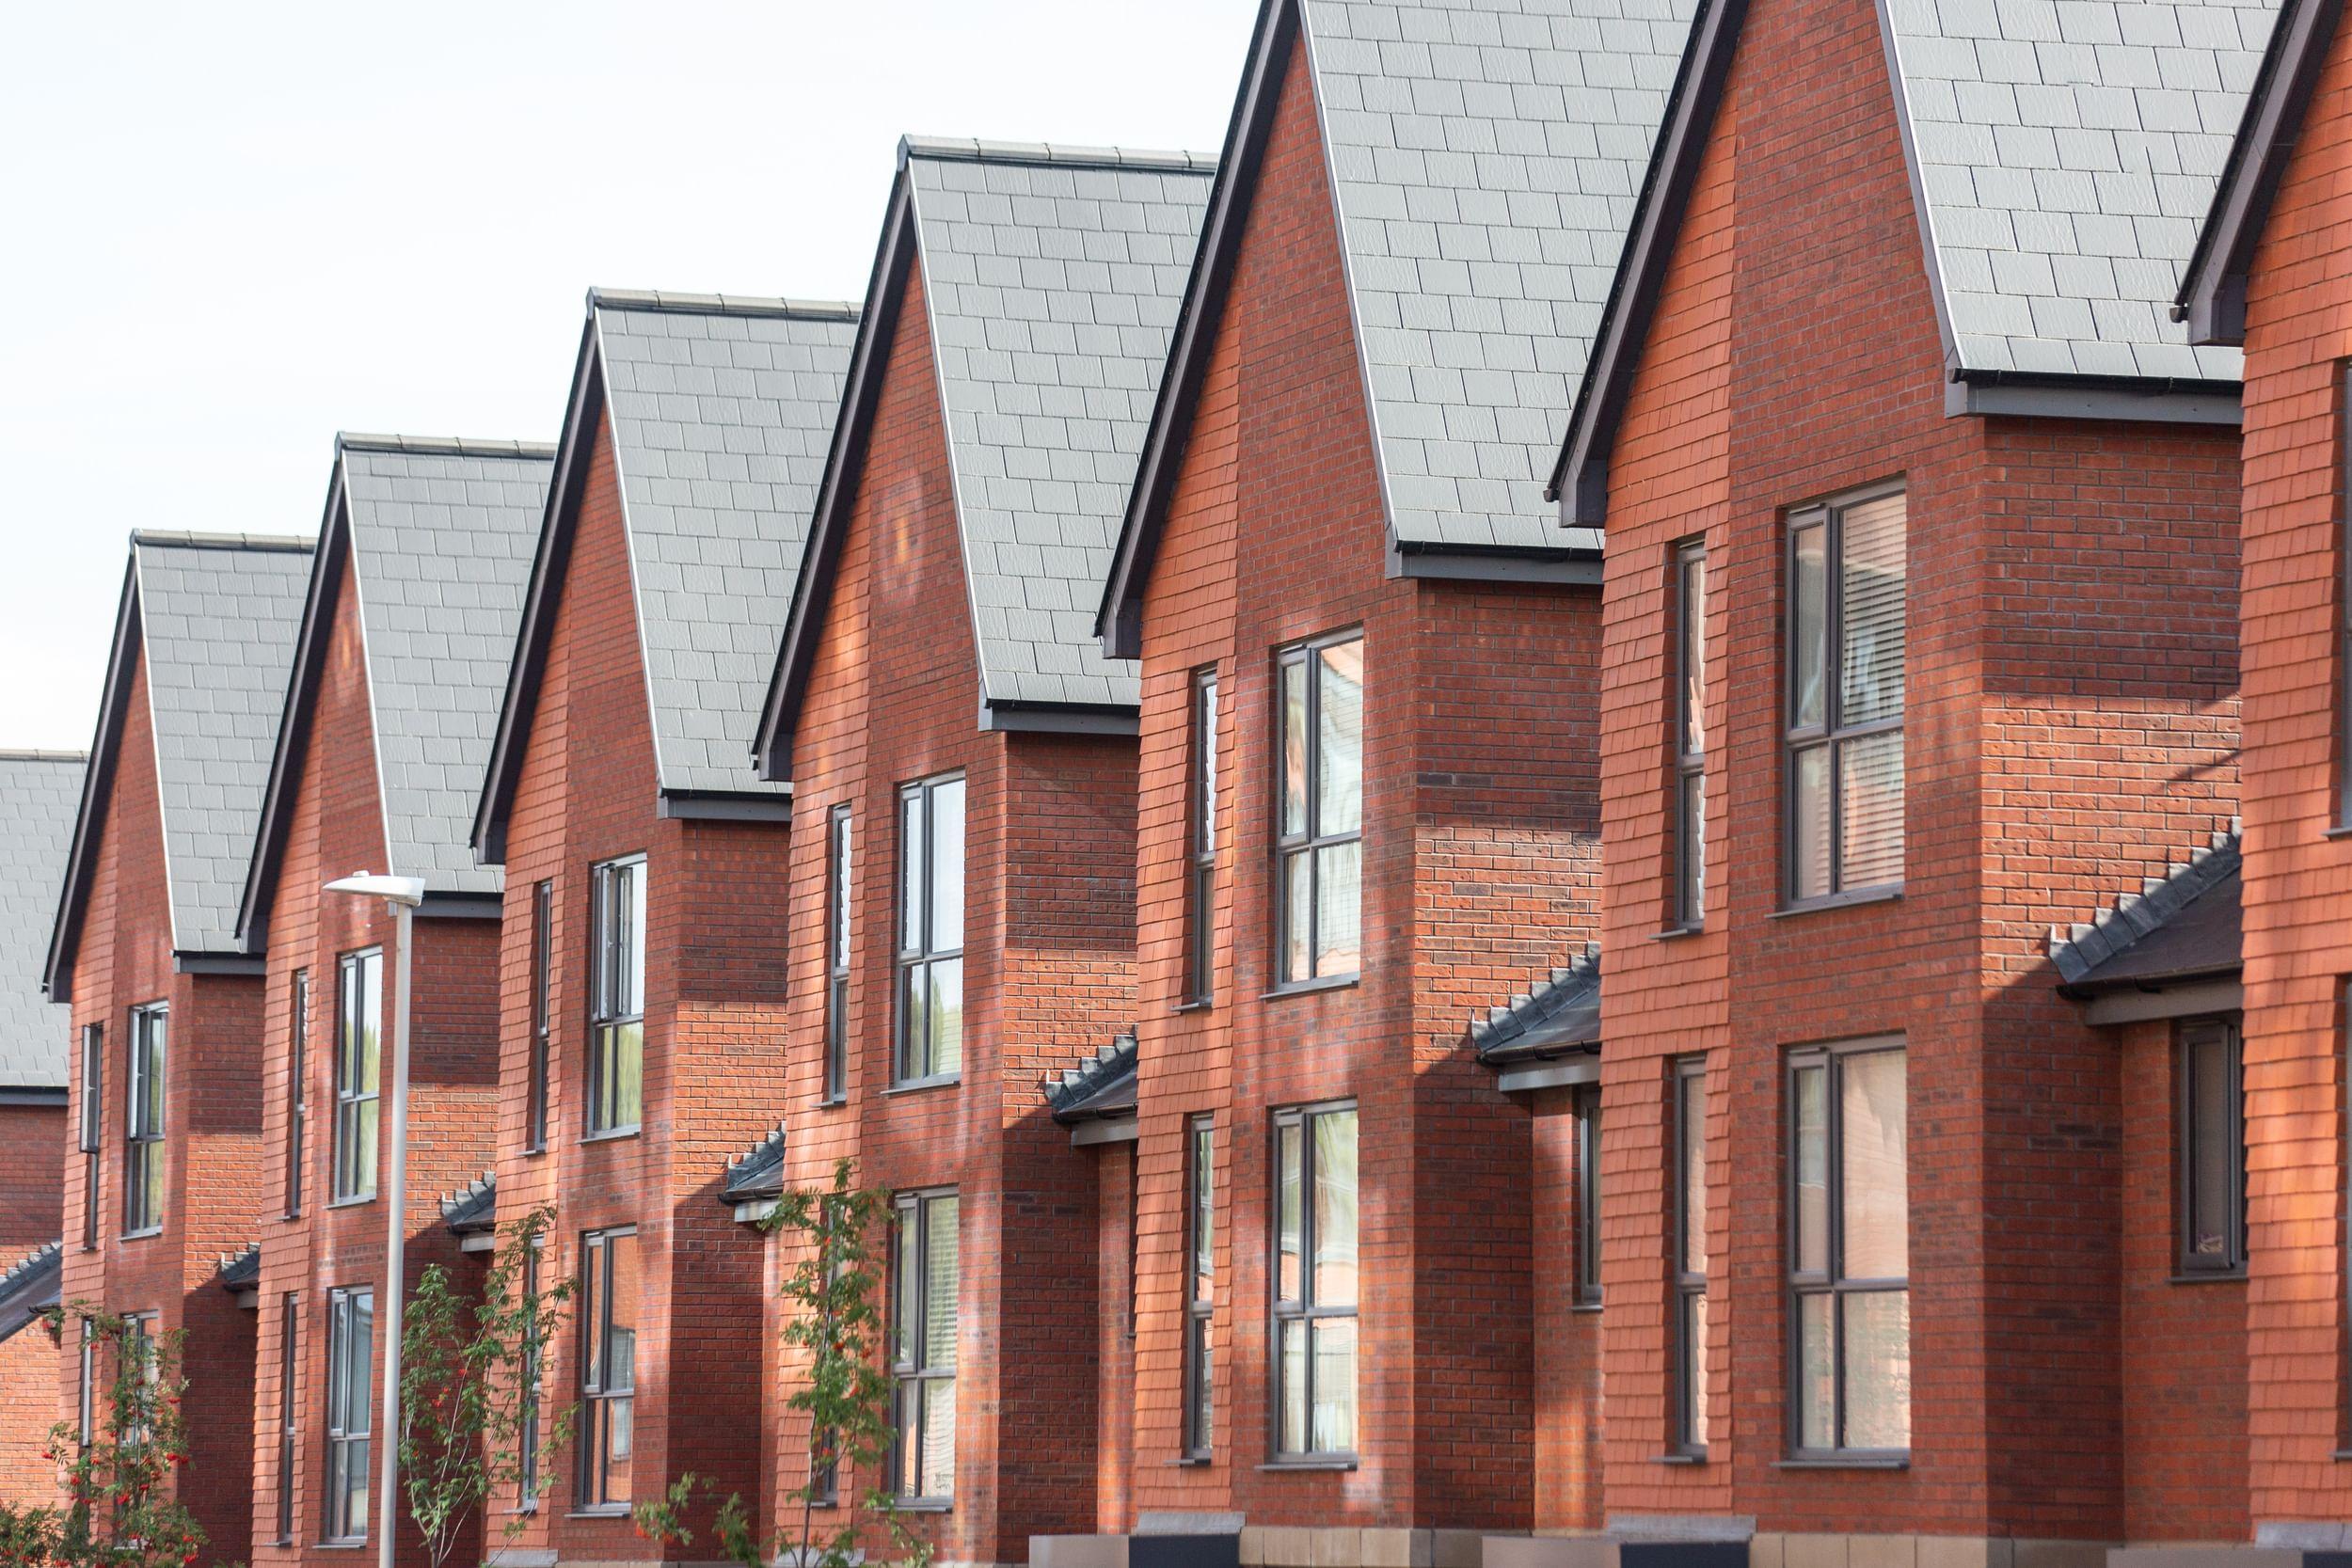 Housing development in Keynsham